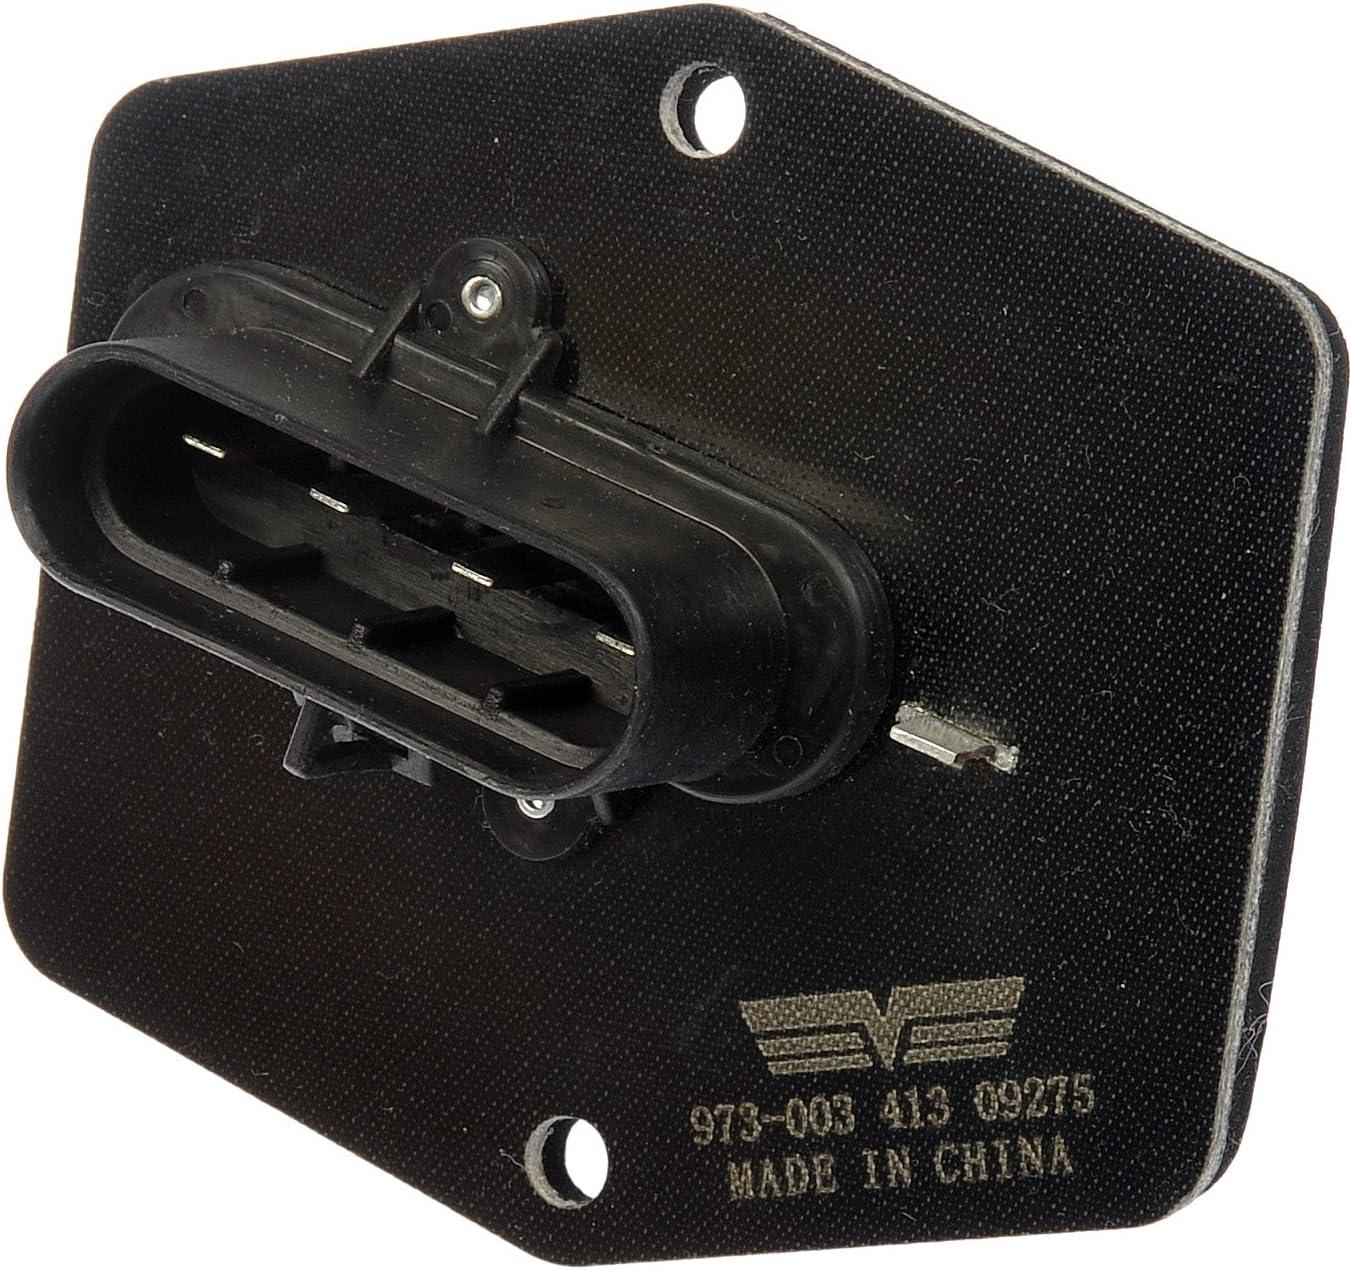 Dorman 973-003 Blower Motor Resistor for Chevrolet//GMC